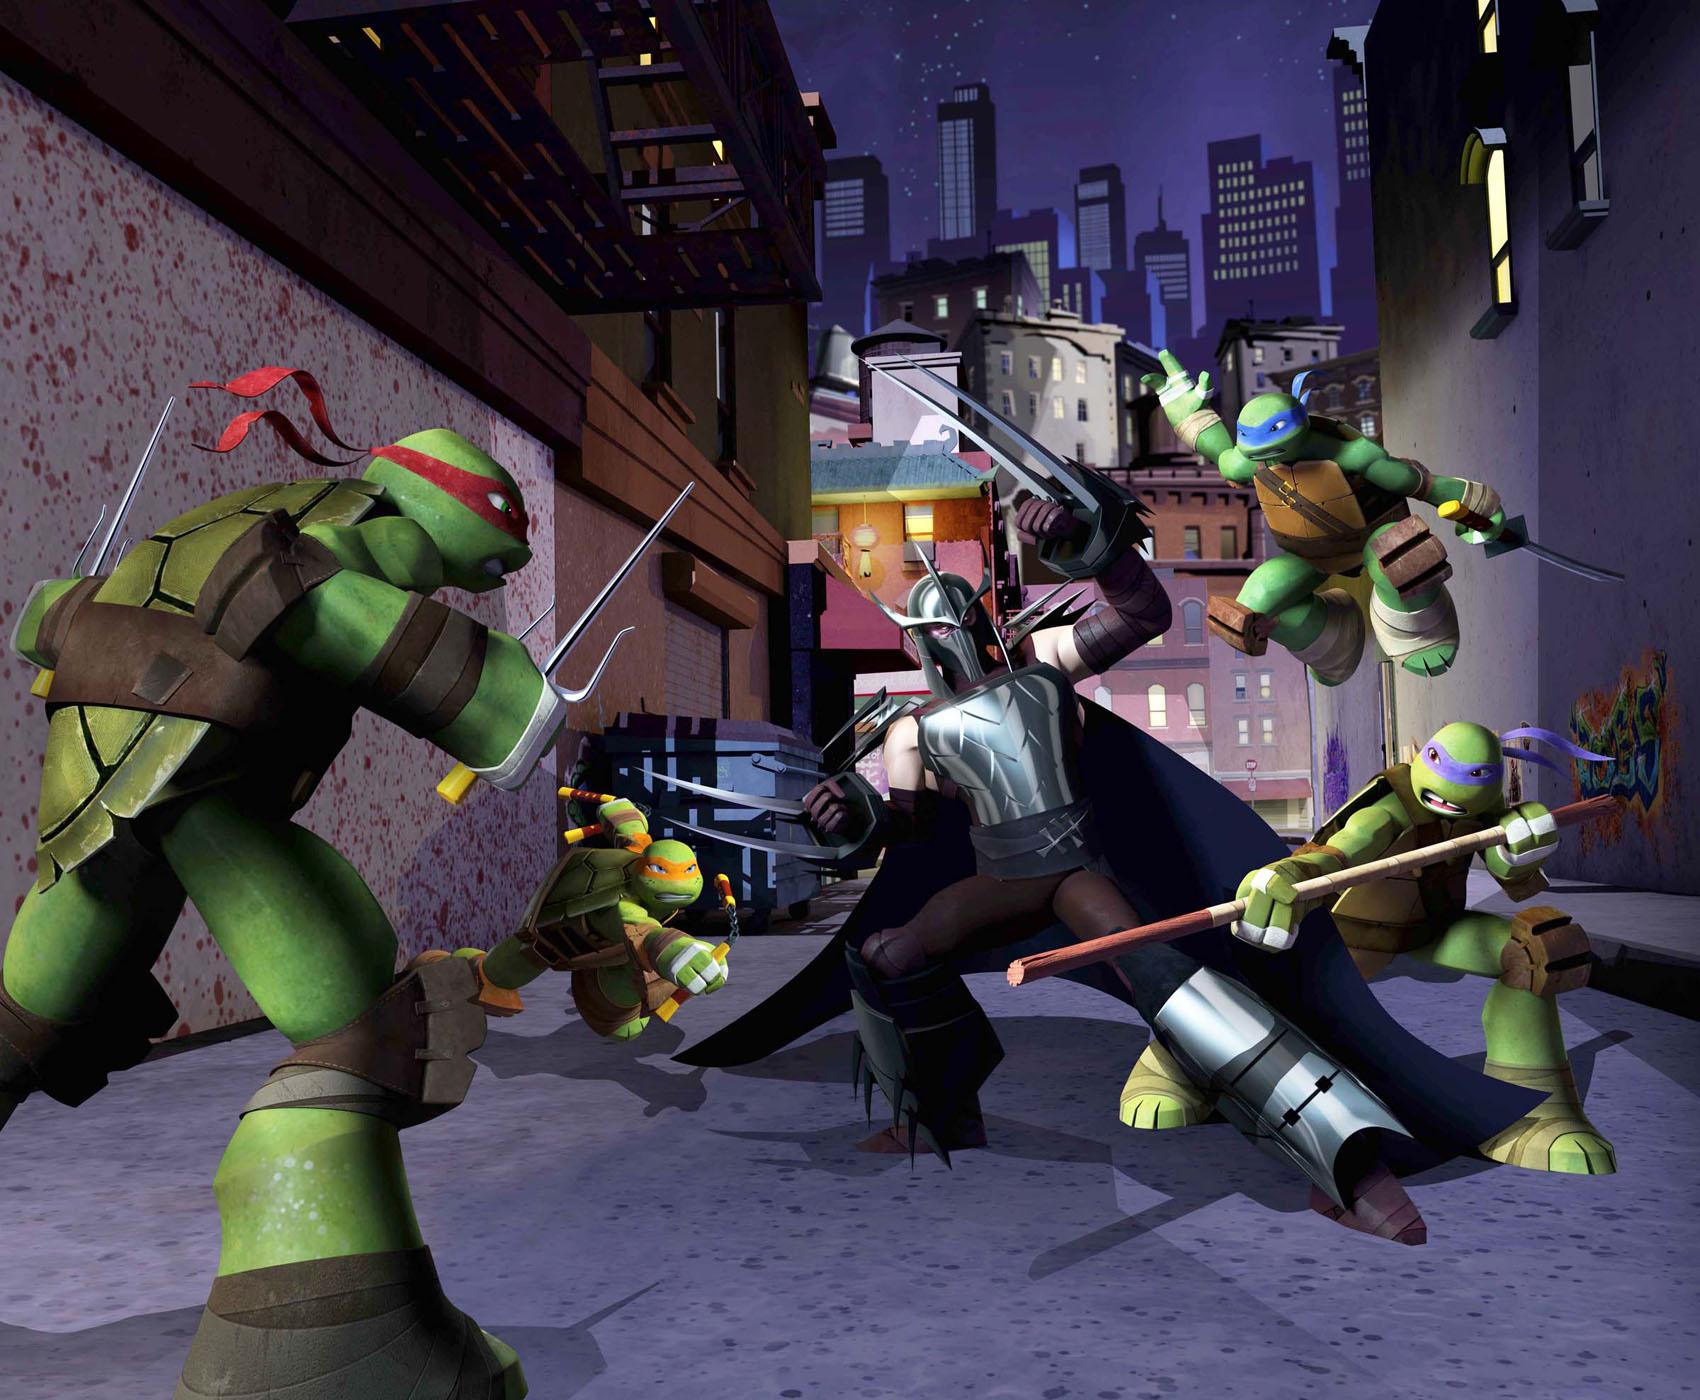 Turtles New Tmnt Cartoon 2012